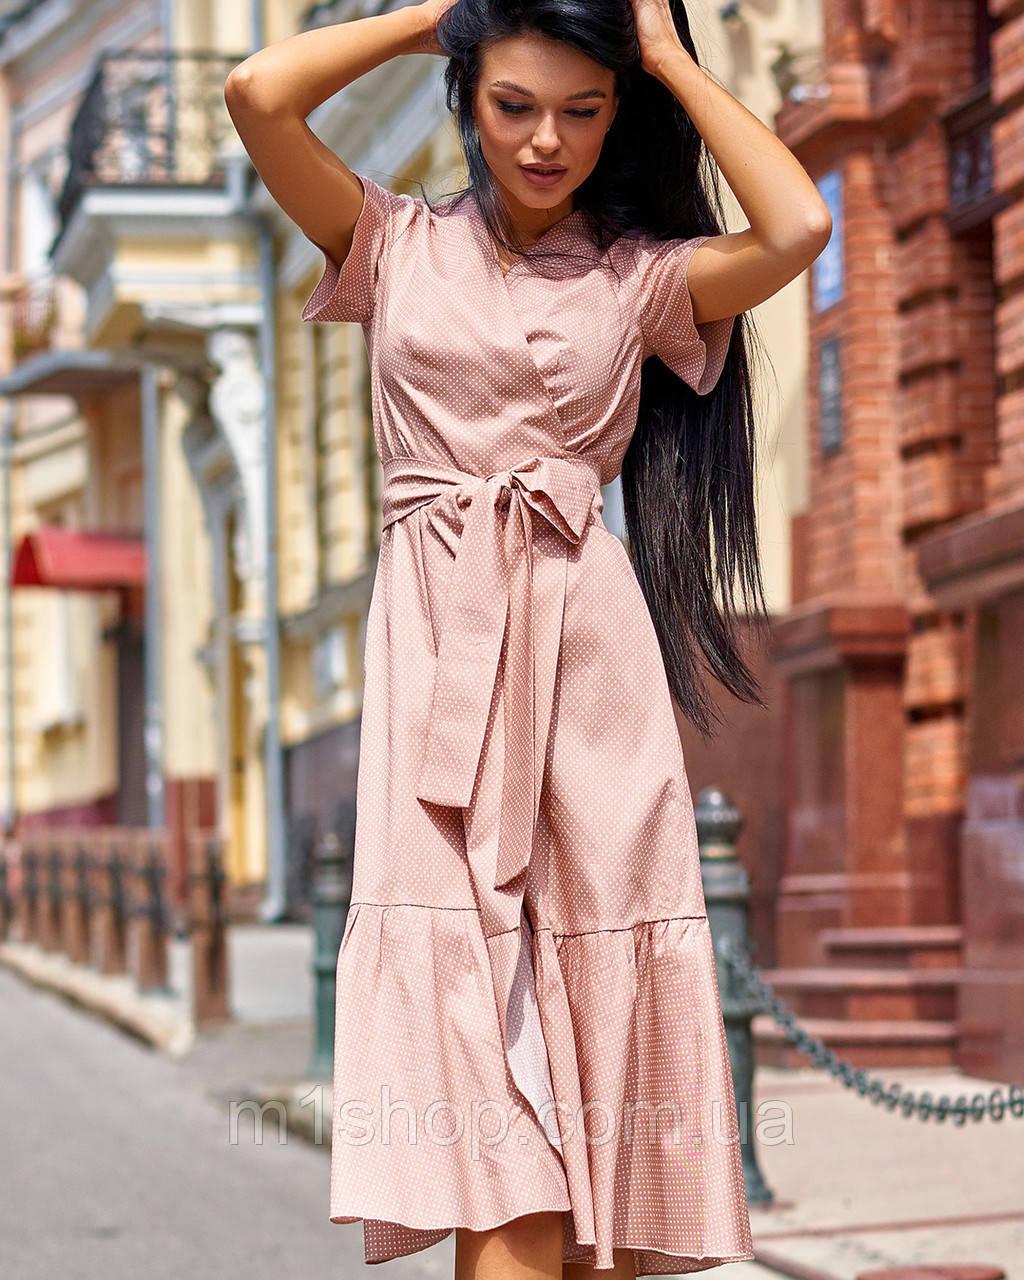 Женское хлопковое платье в горох (Люси jd)